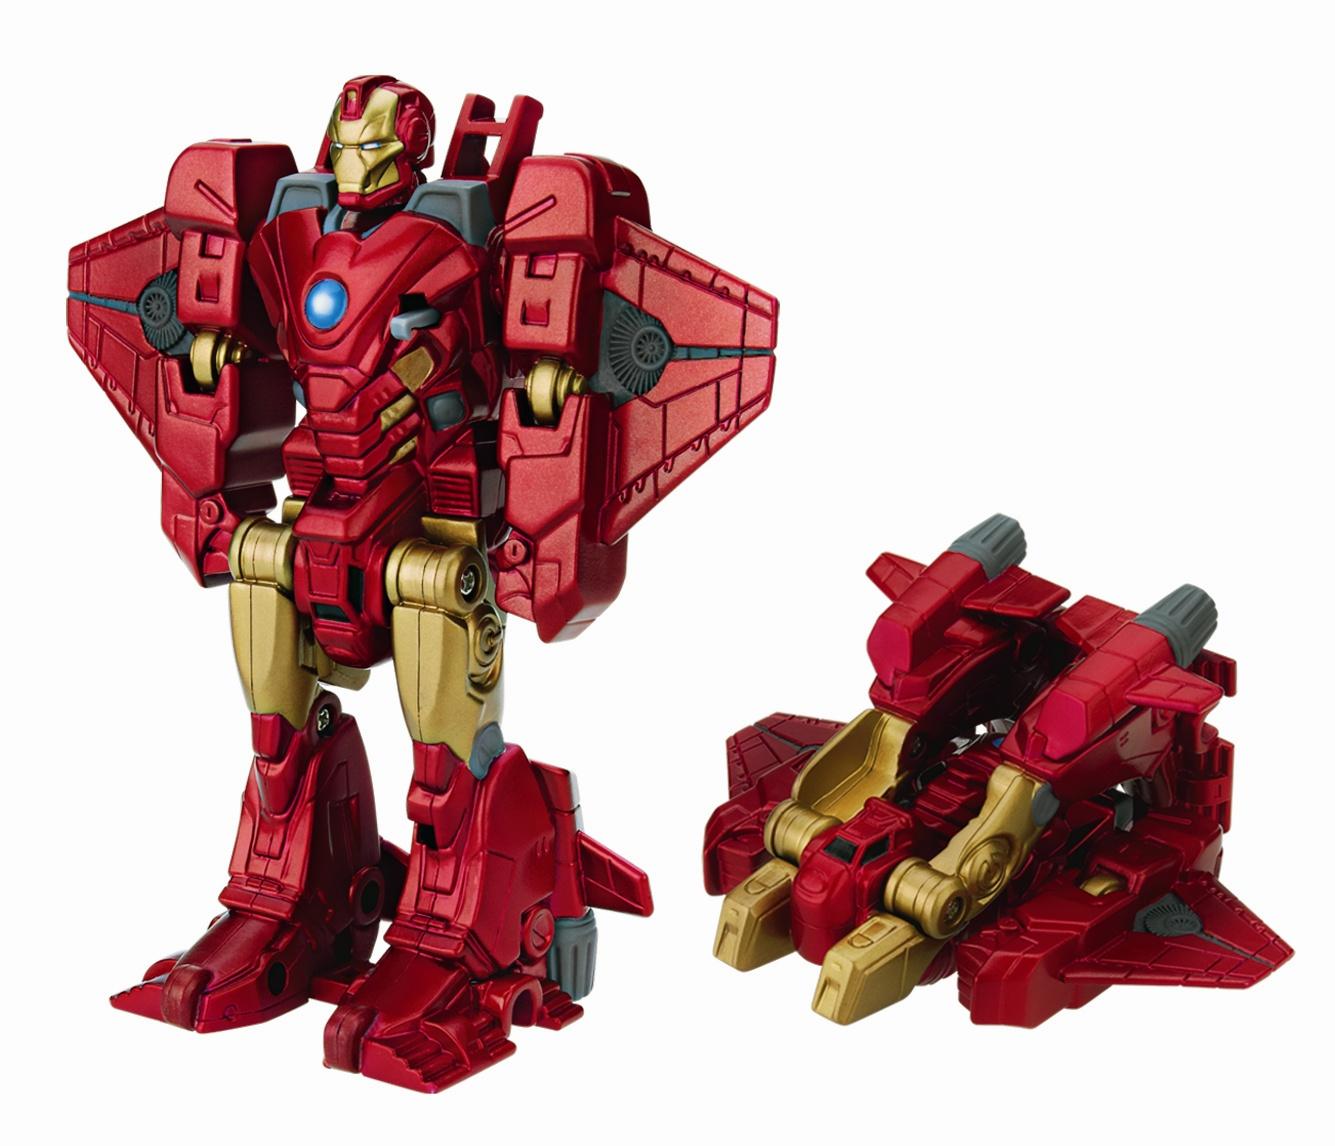 Transformers Marvel Attack Flip Marvel And gfy7Yb6v